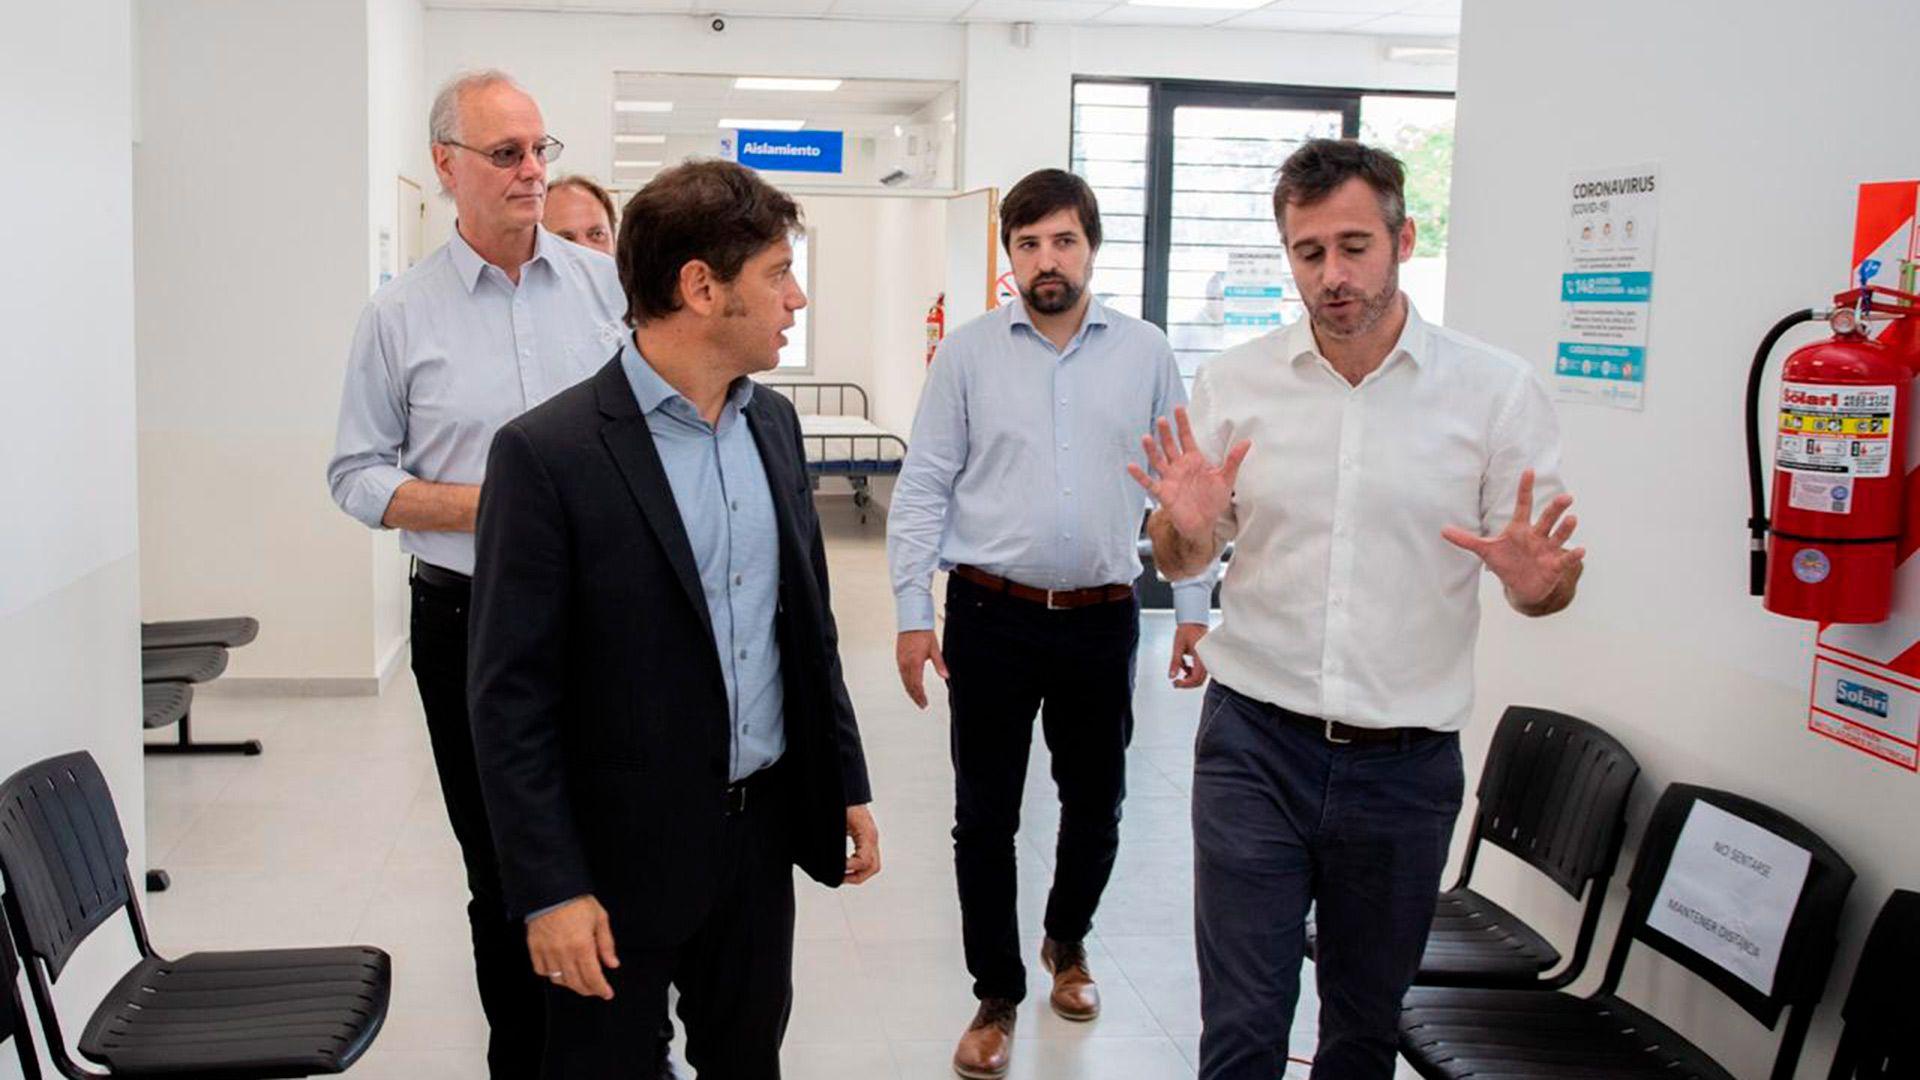 Axel Kicillof recorrió el centro de diagnóstico junto a otras autoridades de la provincia de Buenos Aires